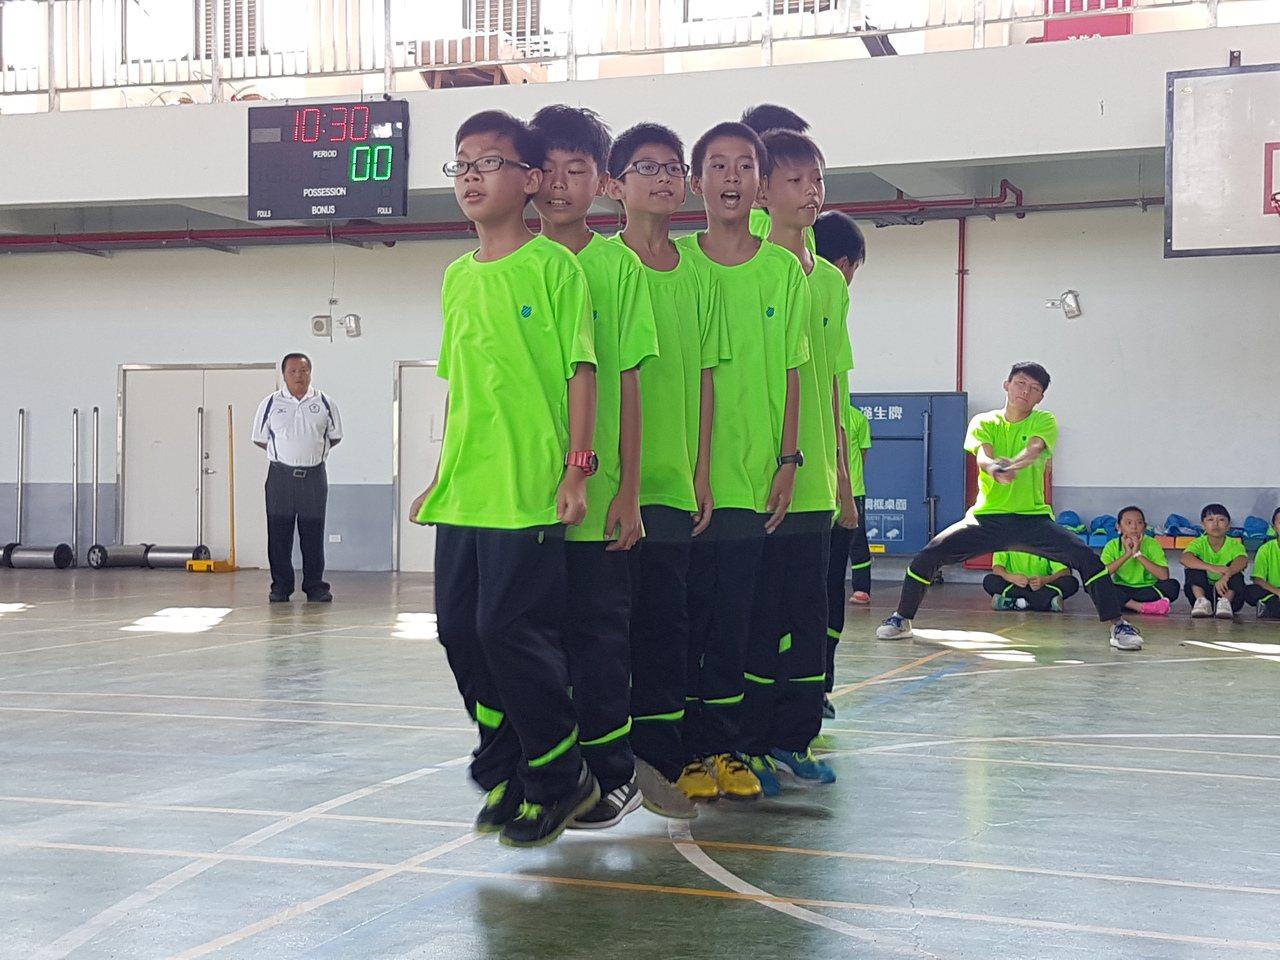 竹林國小跳繩隊男子組獲得全民運動會團體賽亞軍。記者吳佩旻/攝影